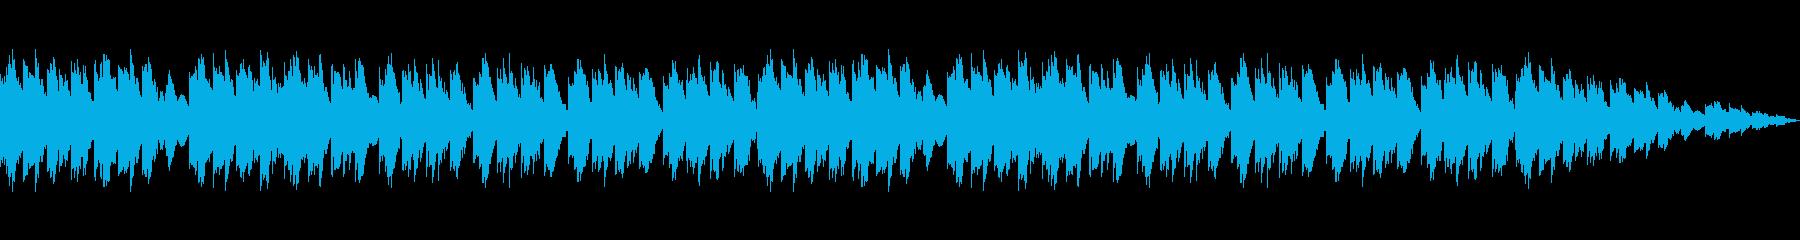 癒しの雰囲気たっぷりのオルゴールBGMの再生済みの波形